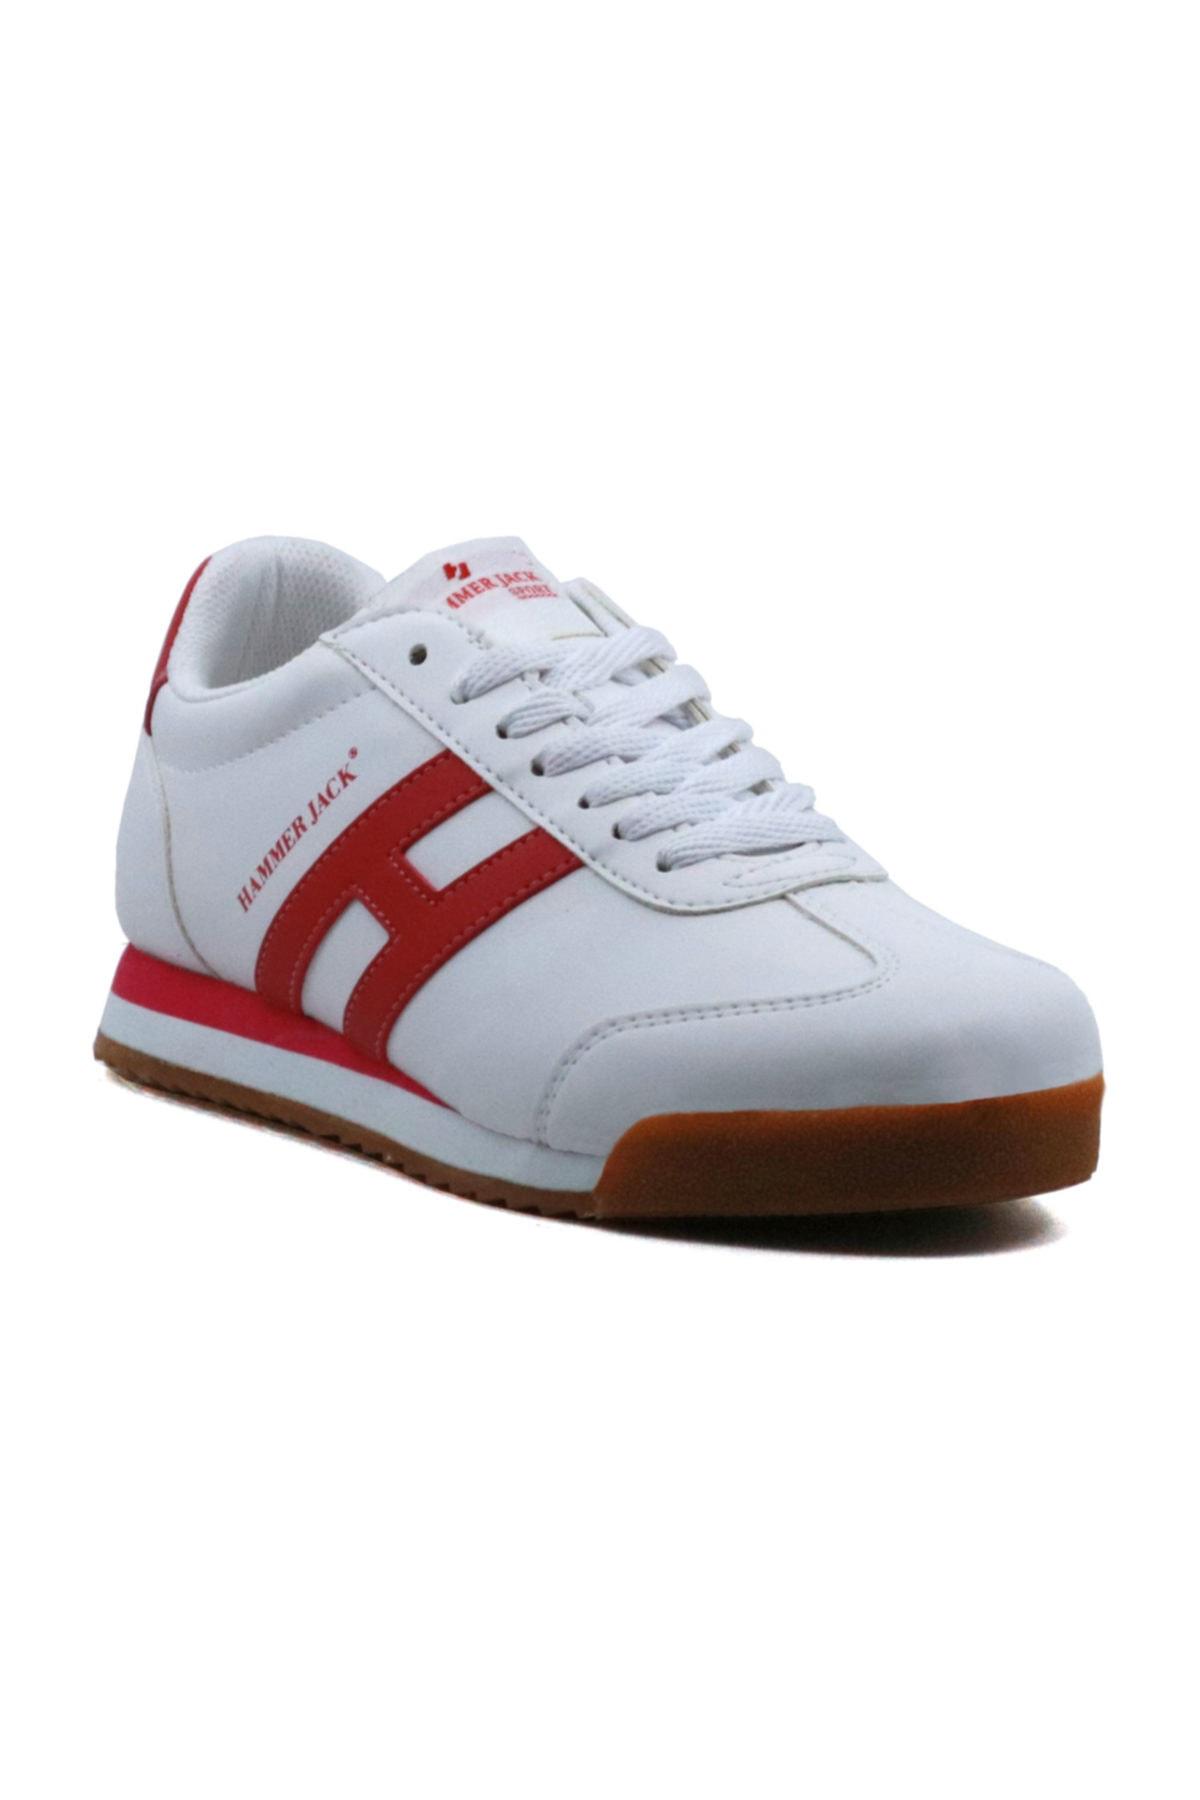 Unisex Beyaz Hammer Jack Melo G Erkek Kadın Spor Ayakkabı